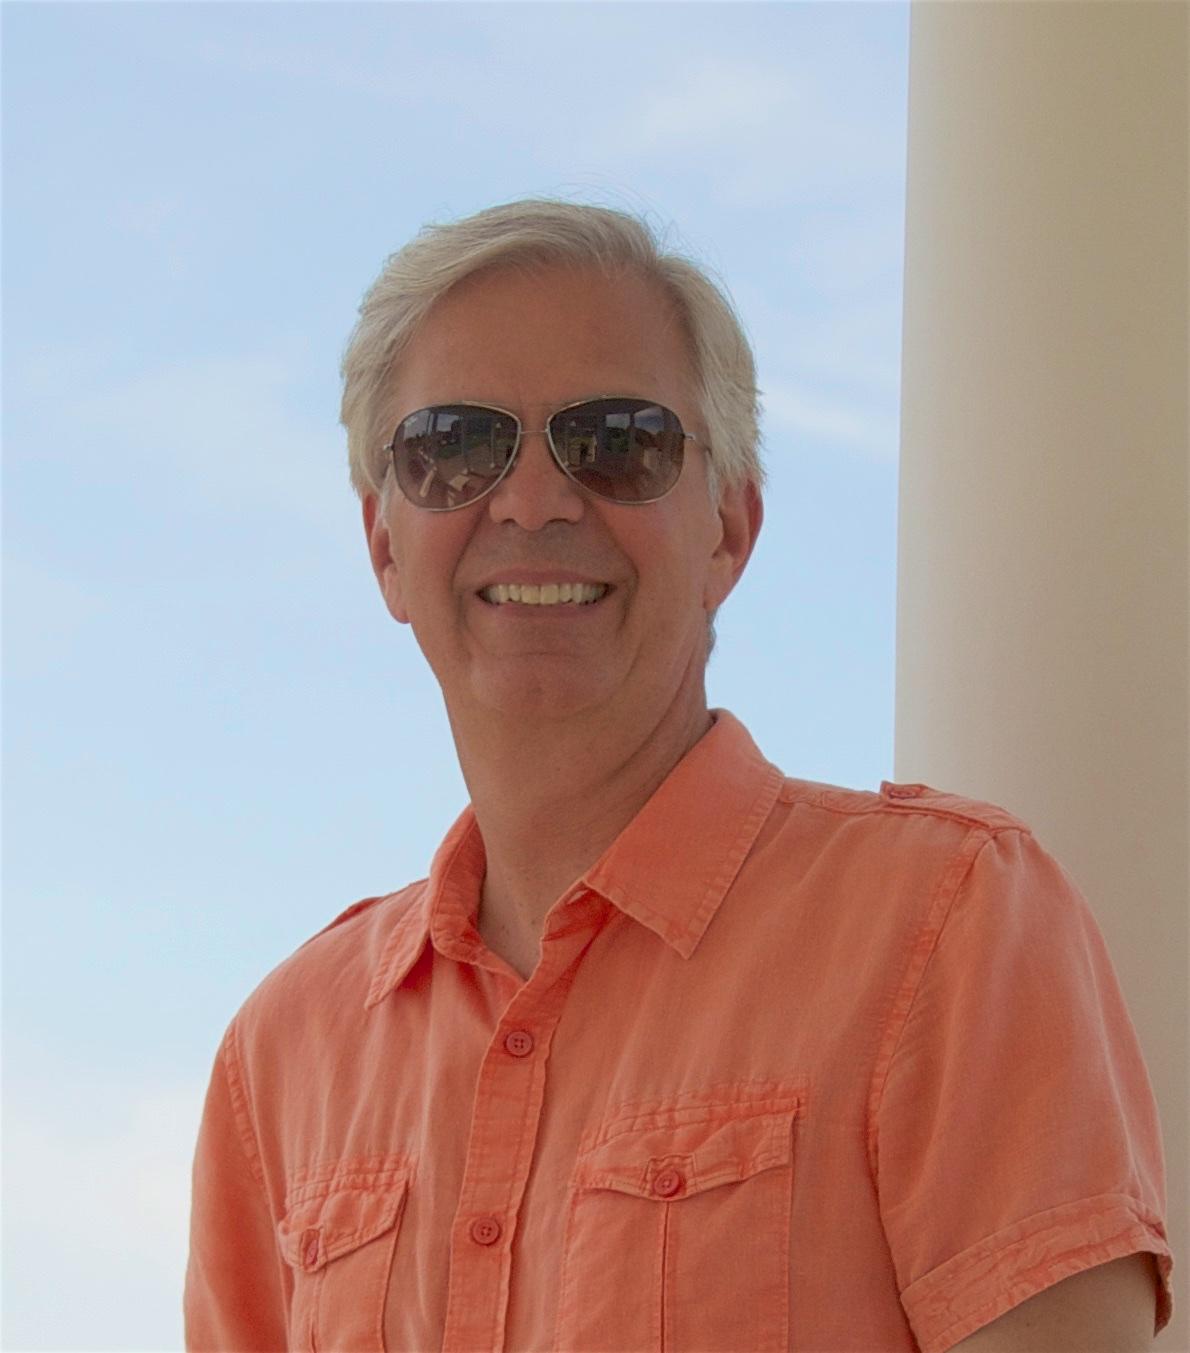 david951's avatar